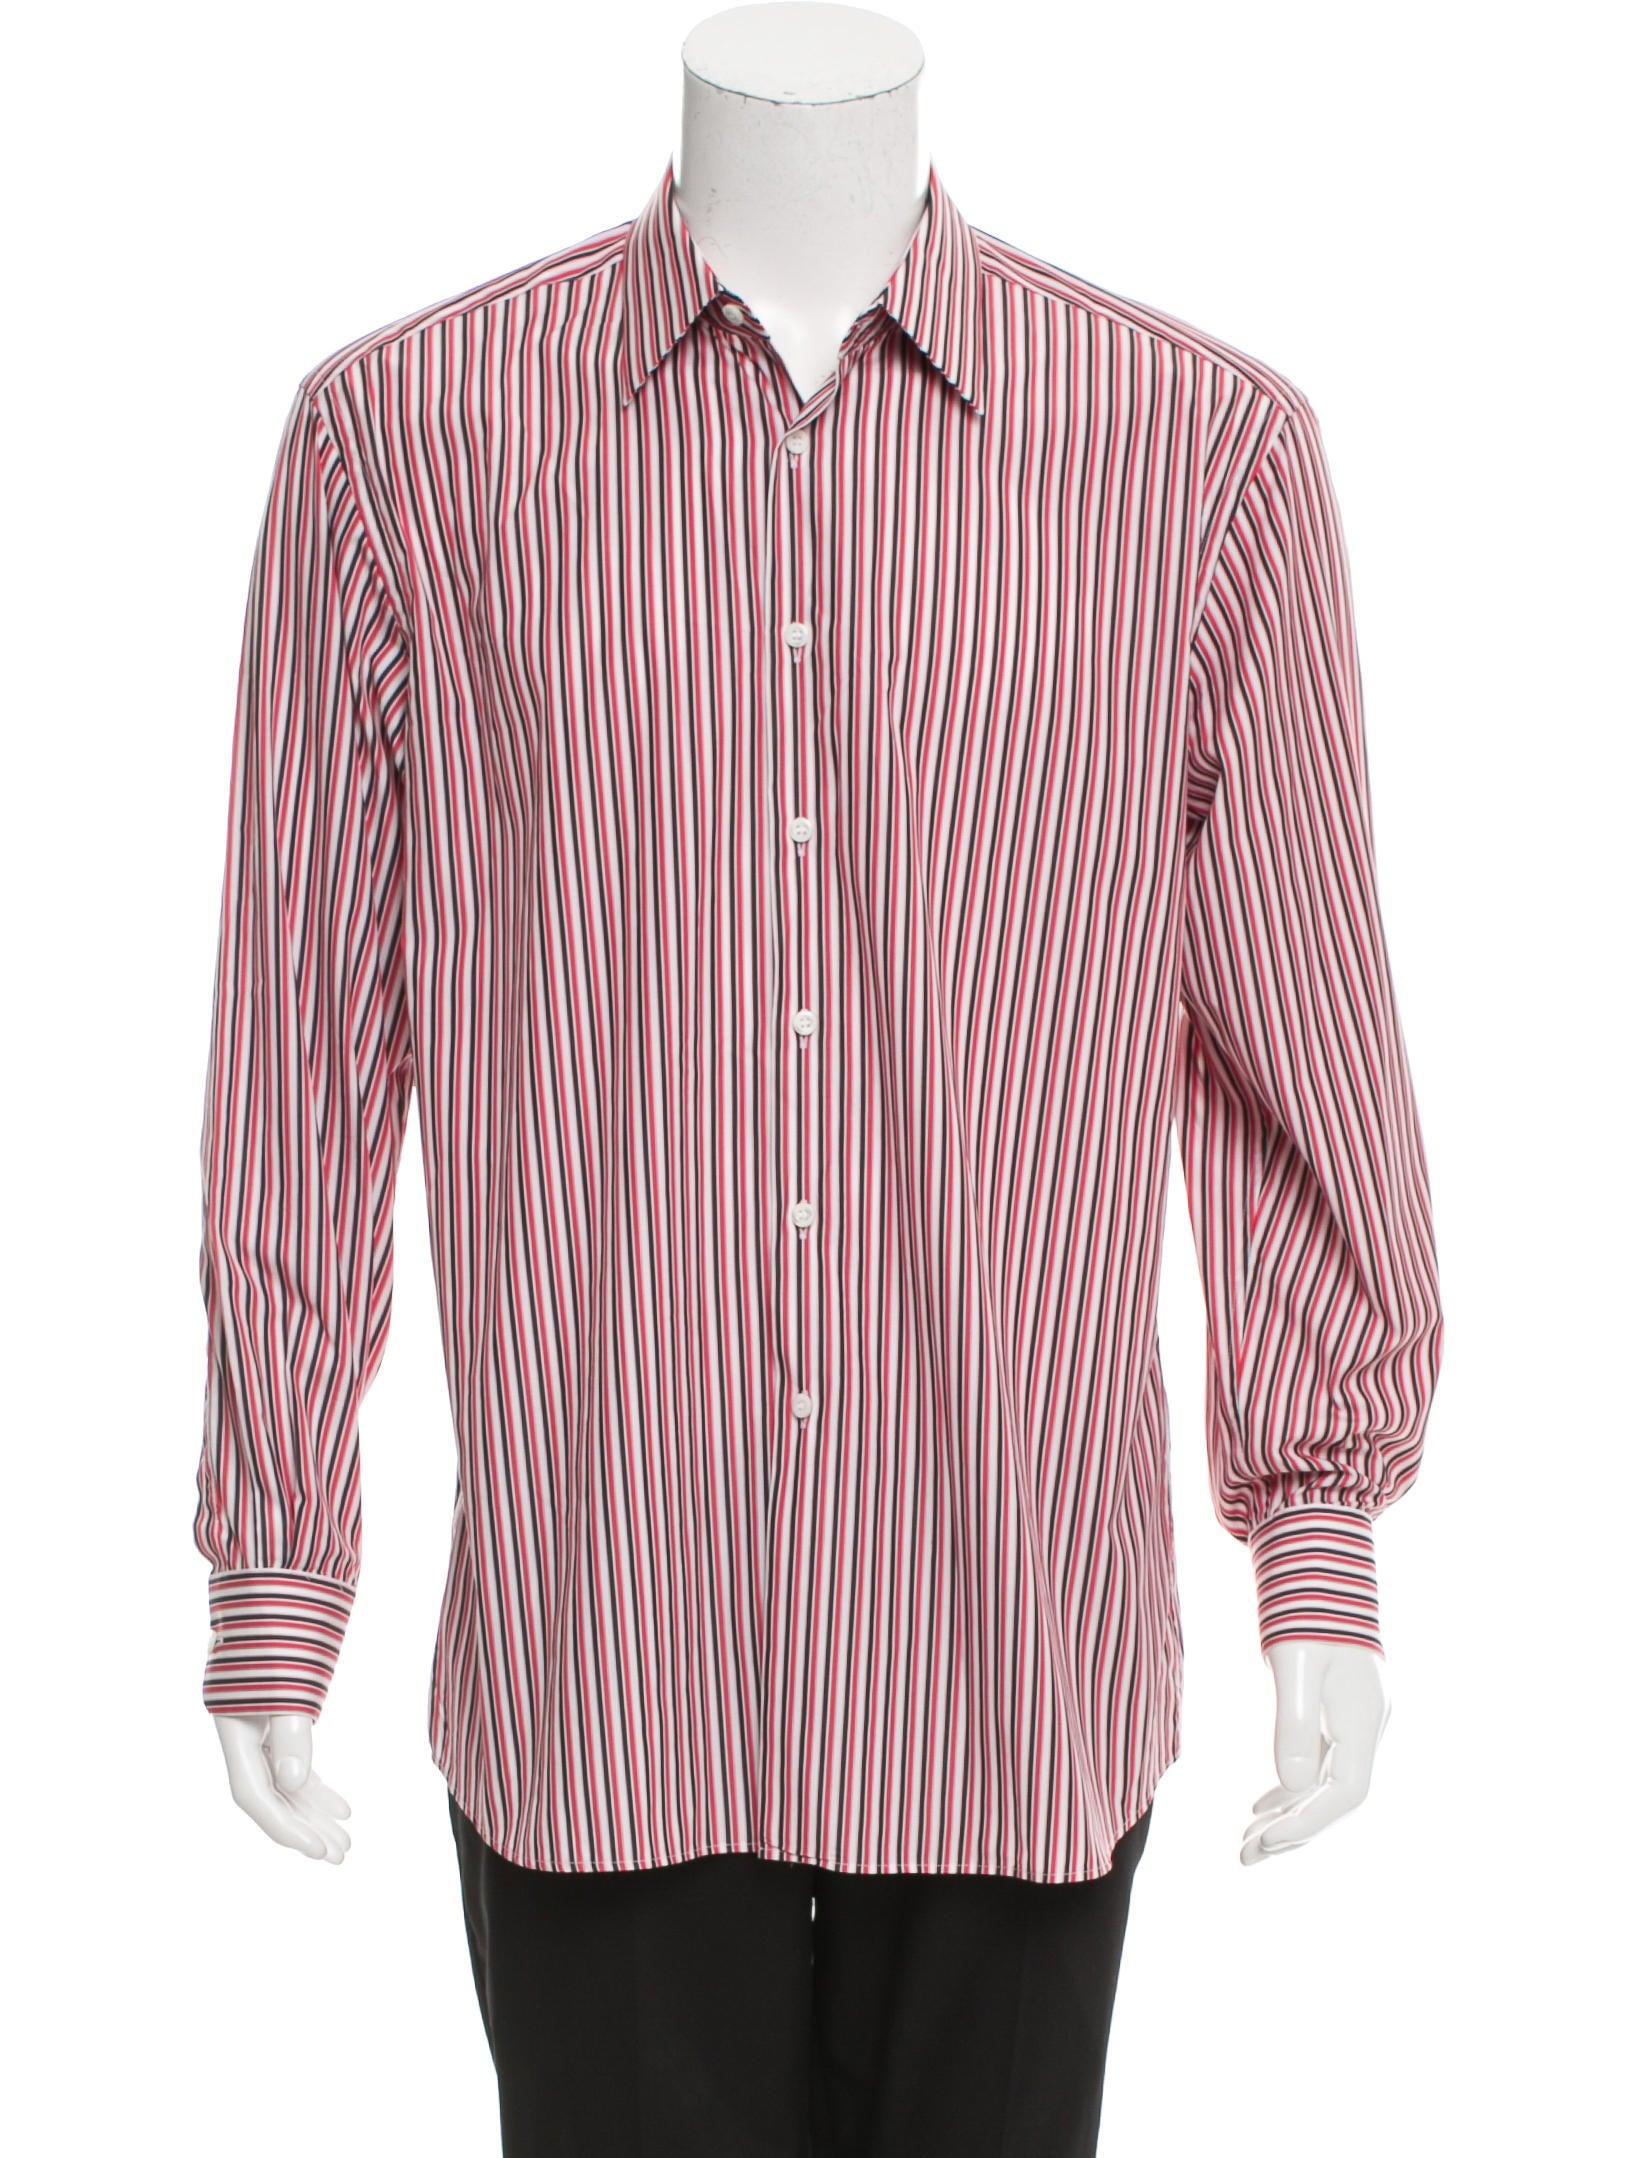 Prada striped button up shirt clothing pra149610 the for Striped button up shirt mens